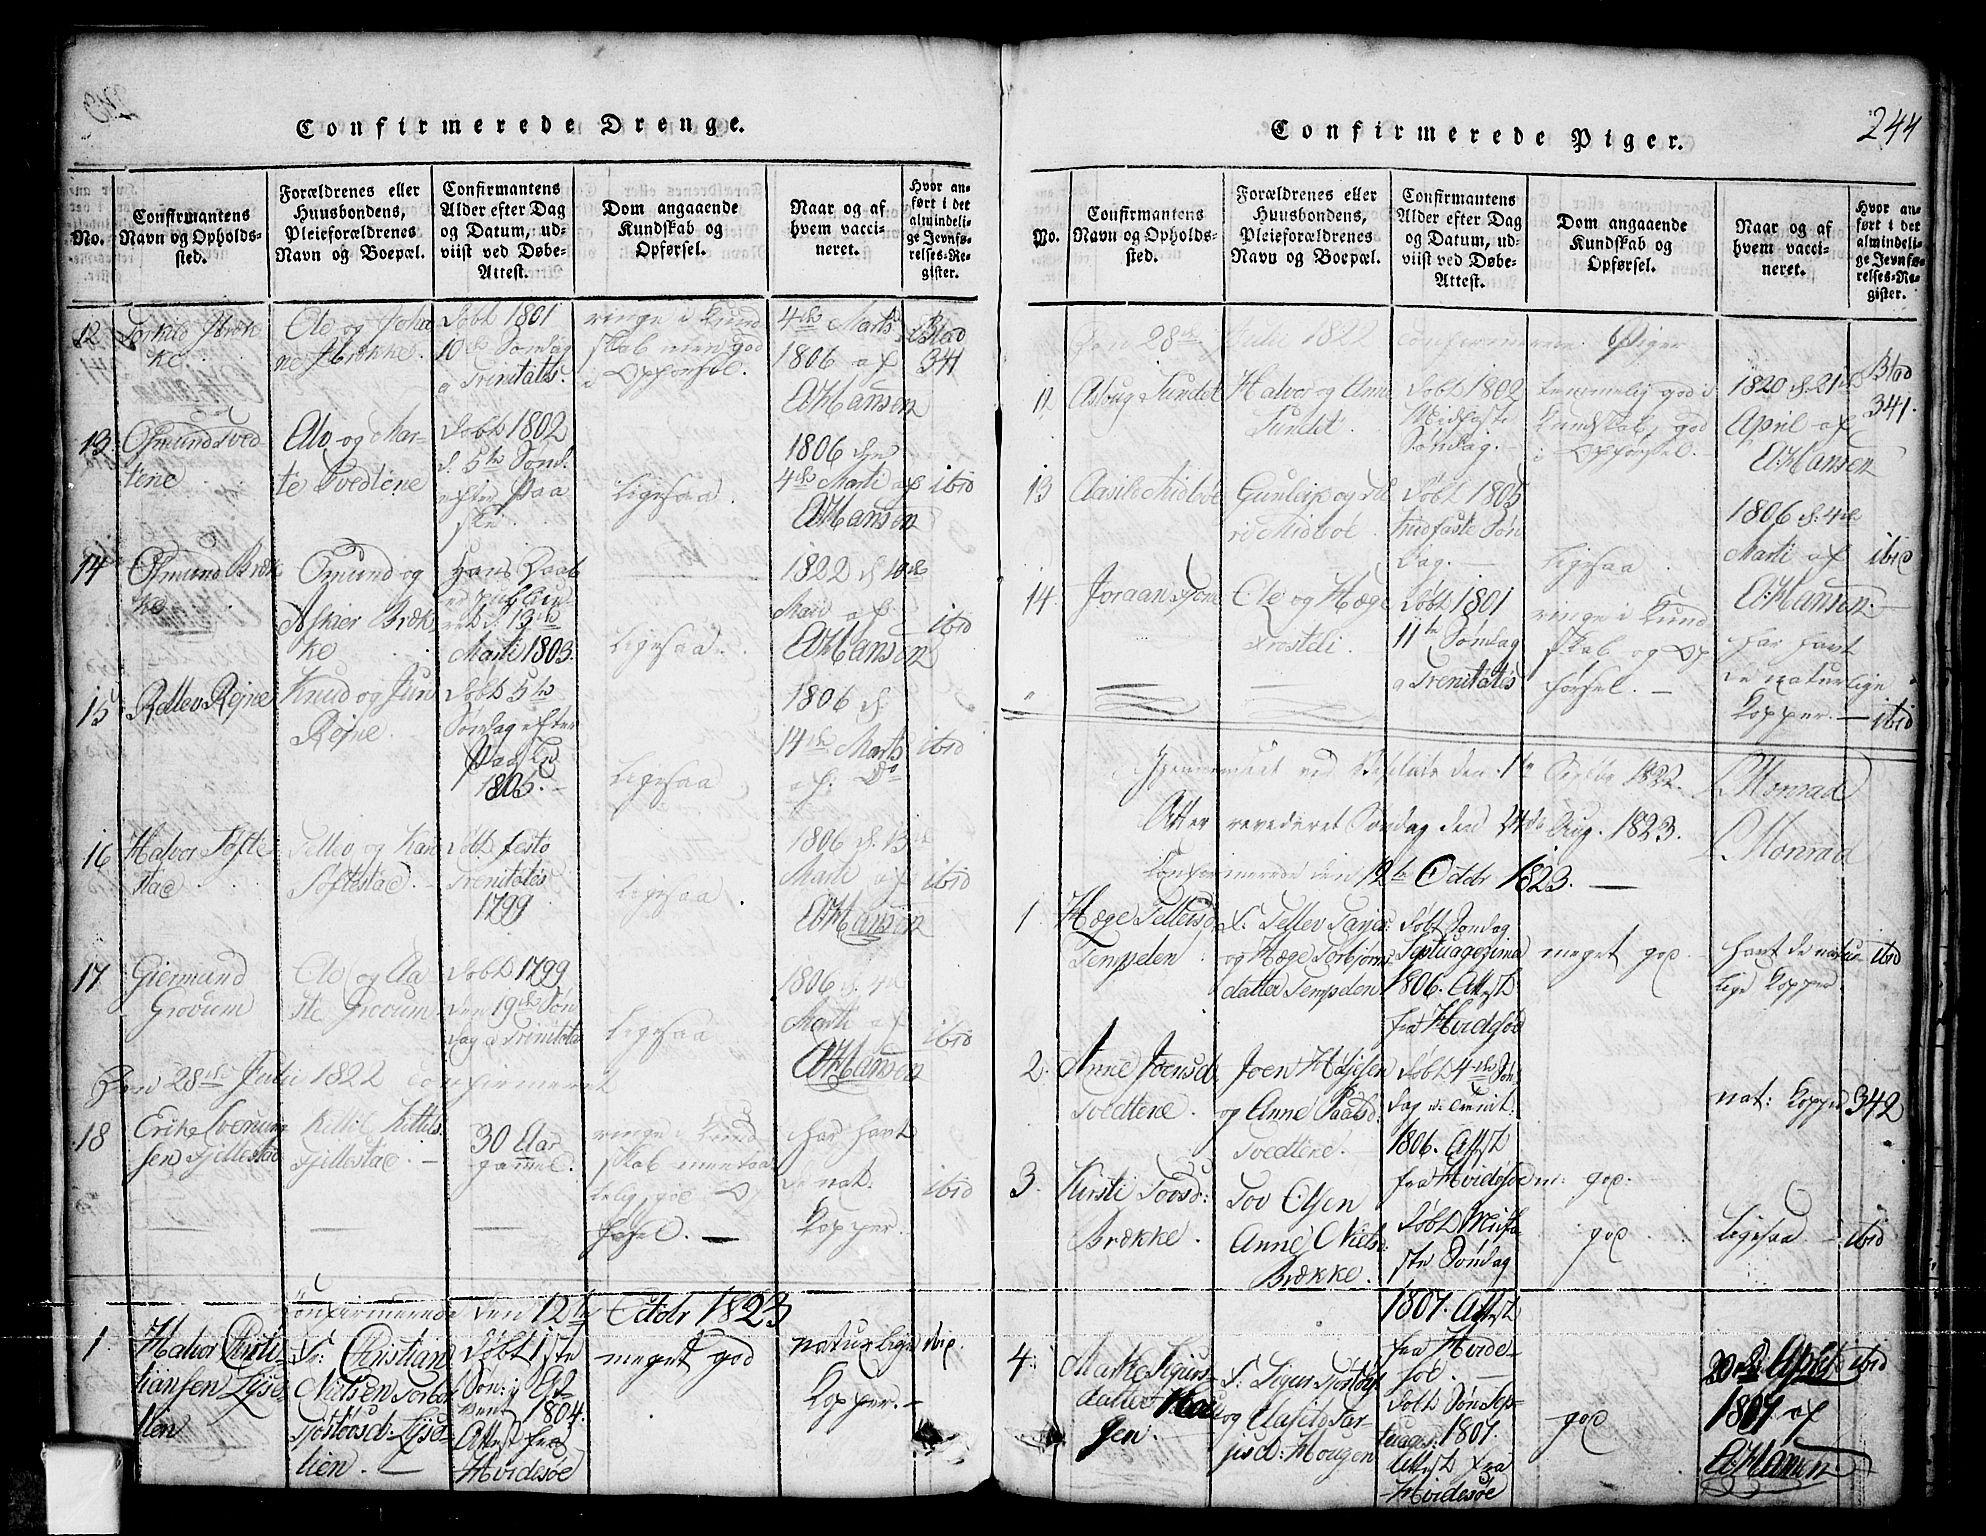 SAKO, Nissedal kirkebøker, G/Ga/L0001: Klokkerbok nr. I 1, 1814-1860, s. 244